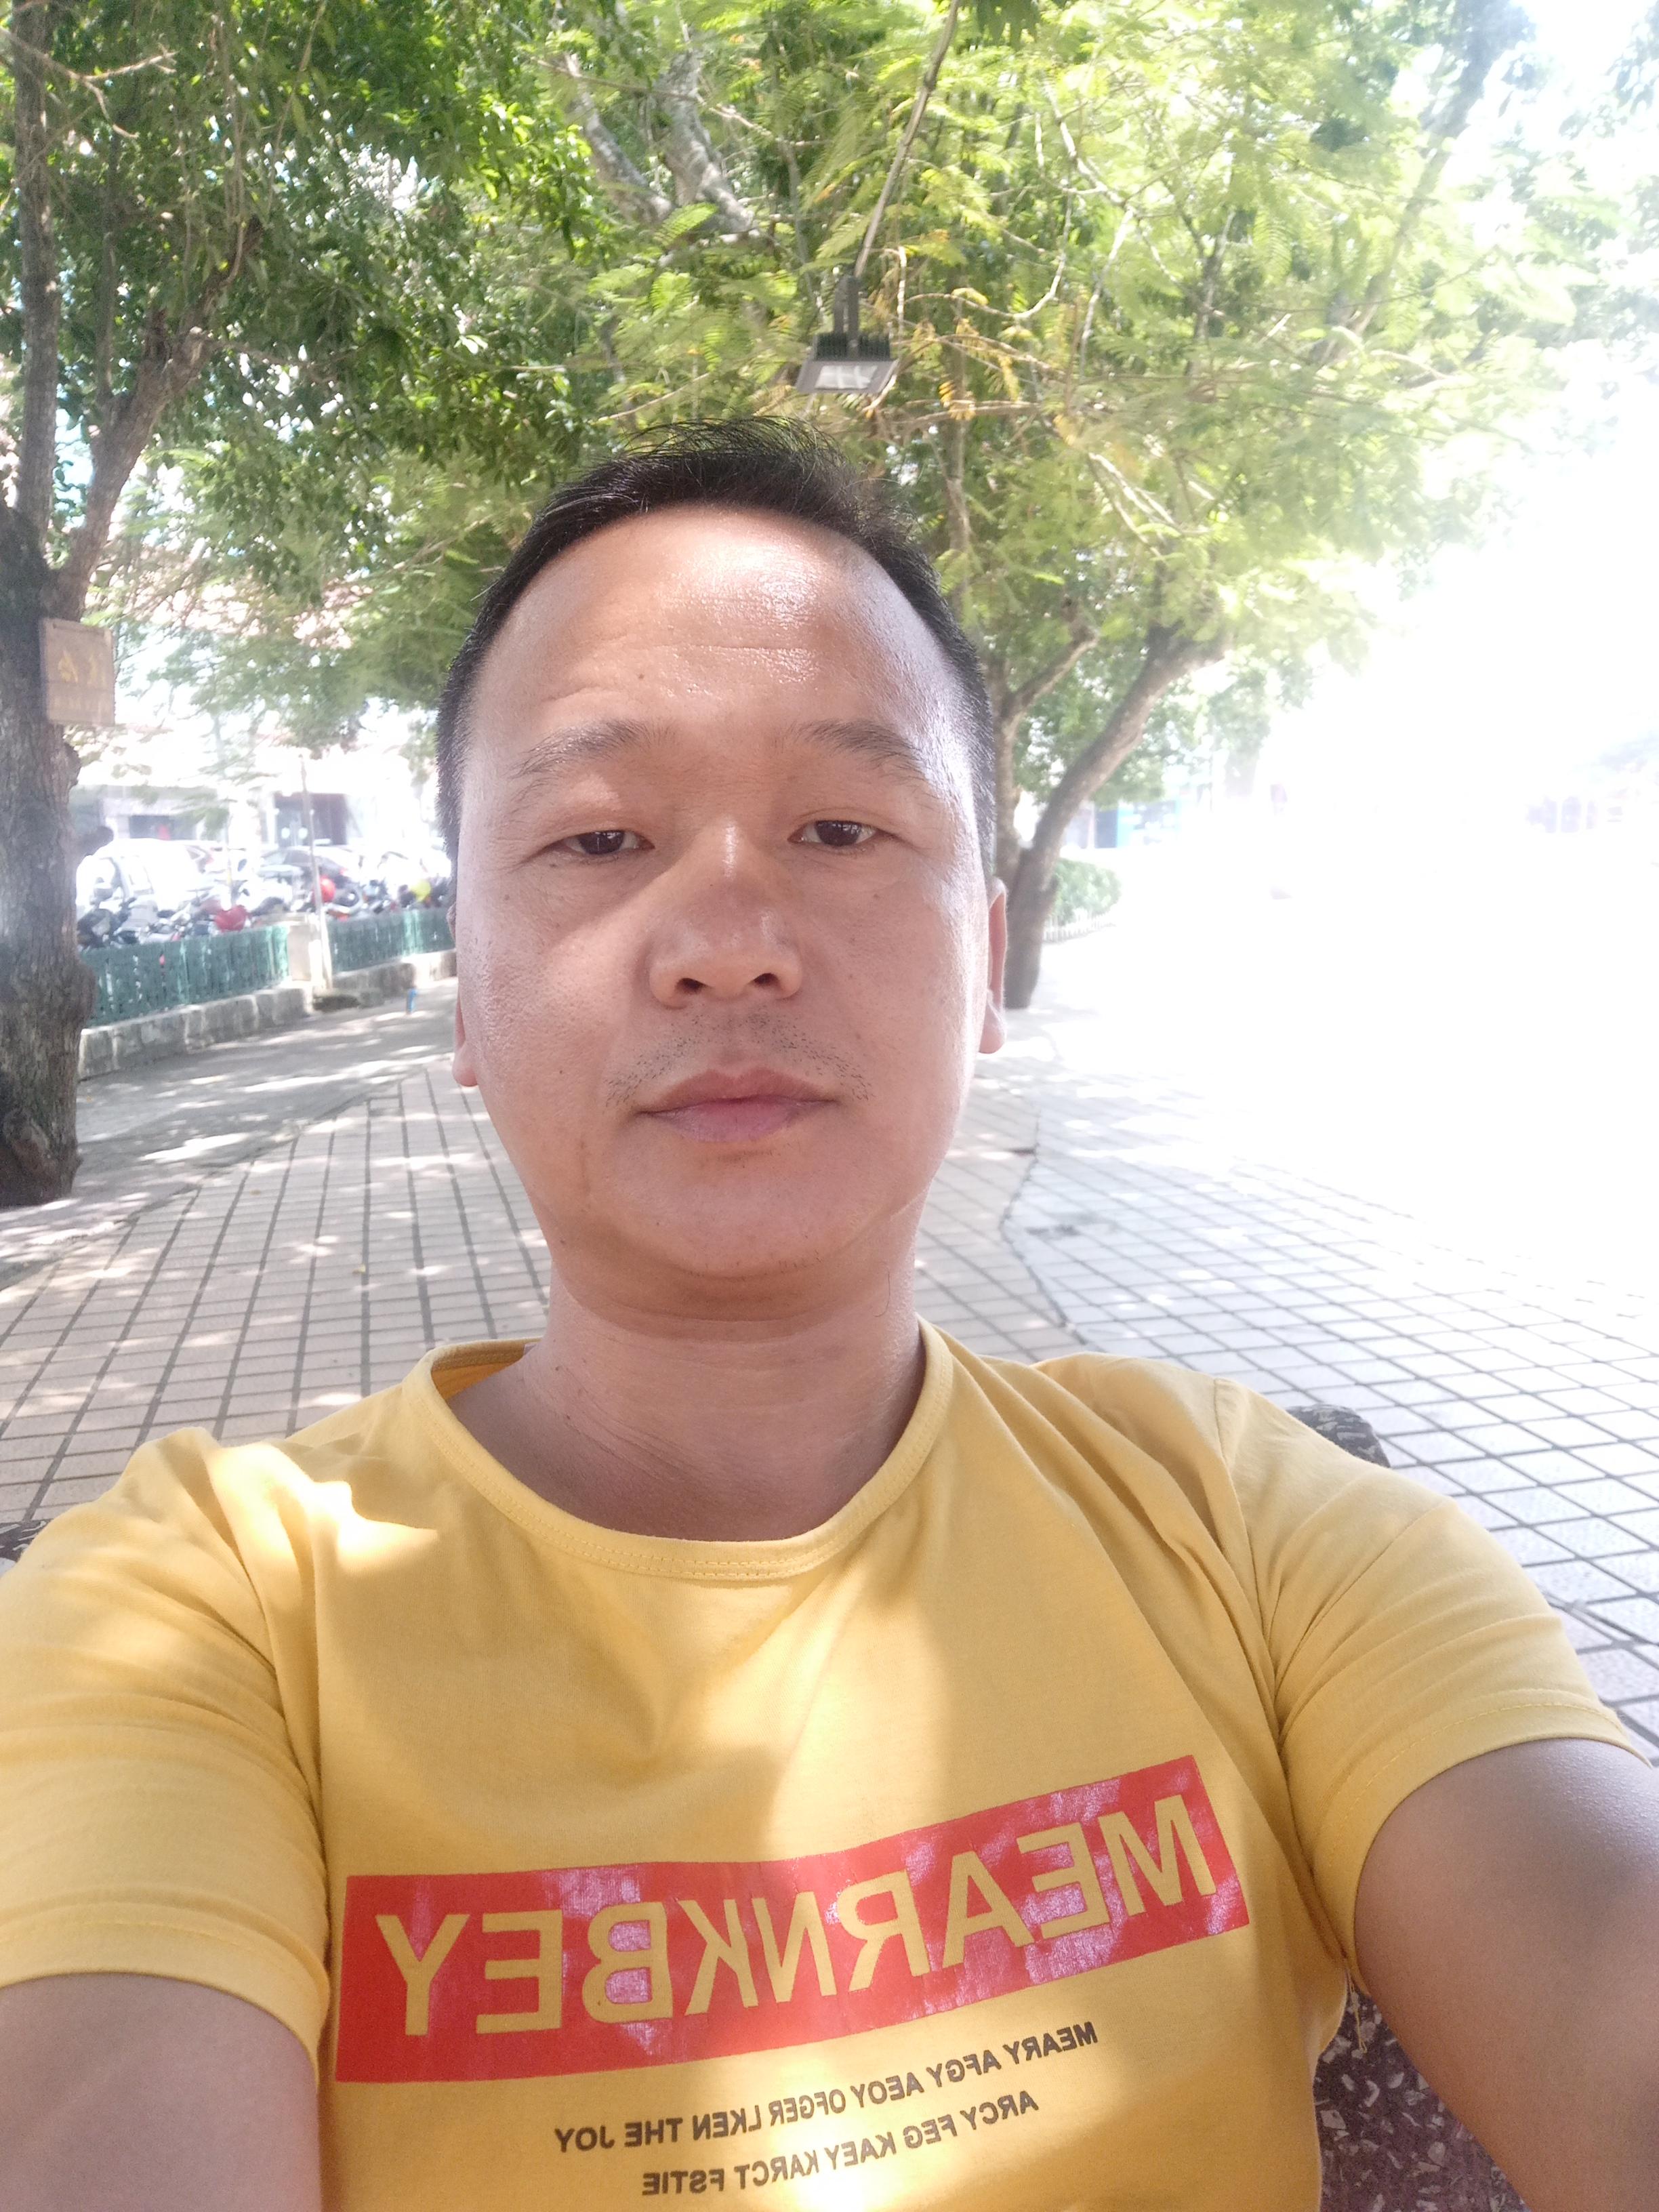 沉默惜金chen的照片